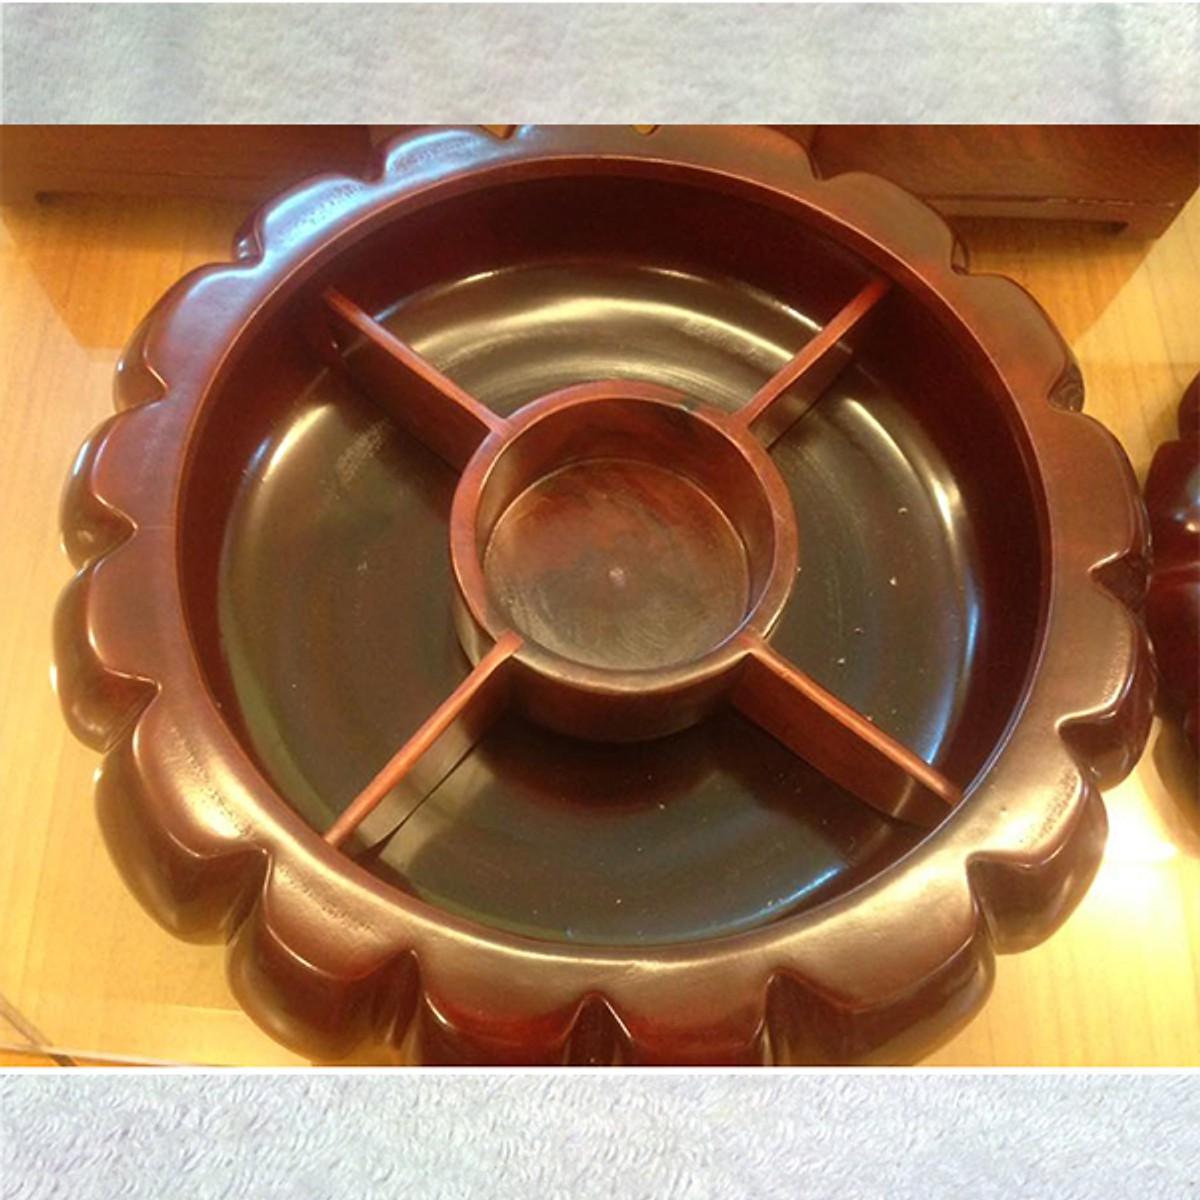 Khay đựng bánh kẹo quả bí gỗ hương loại to nguyên khối chia ngăn cao cấp LIGHT WOOD